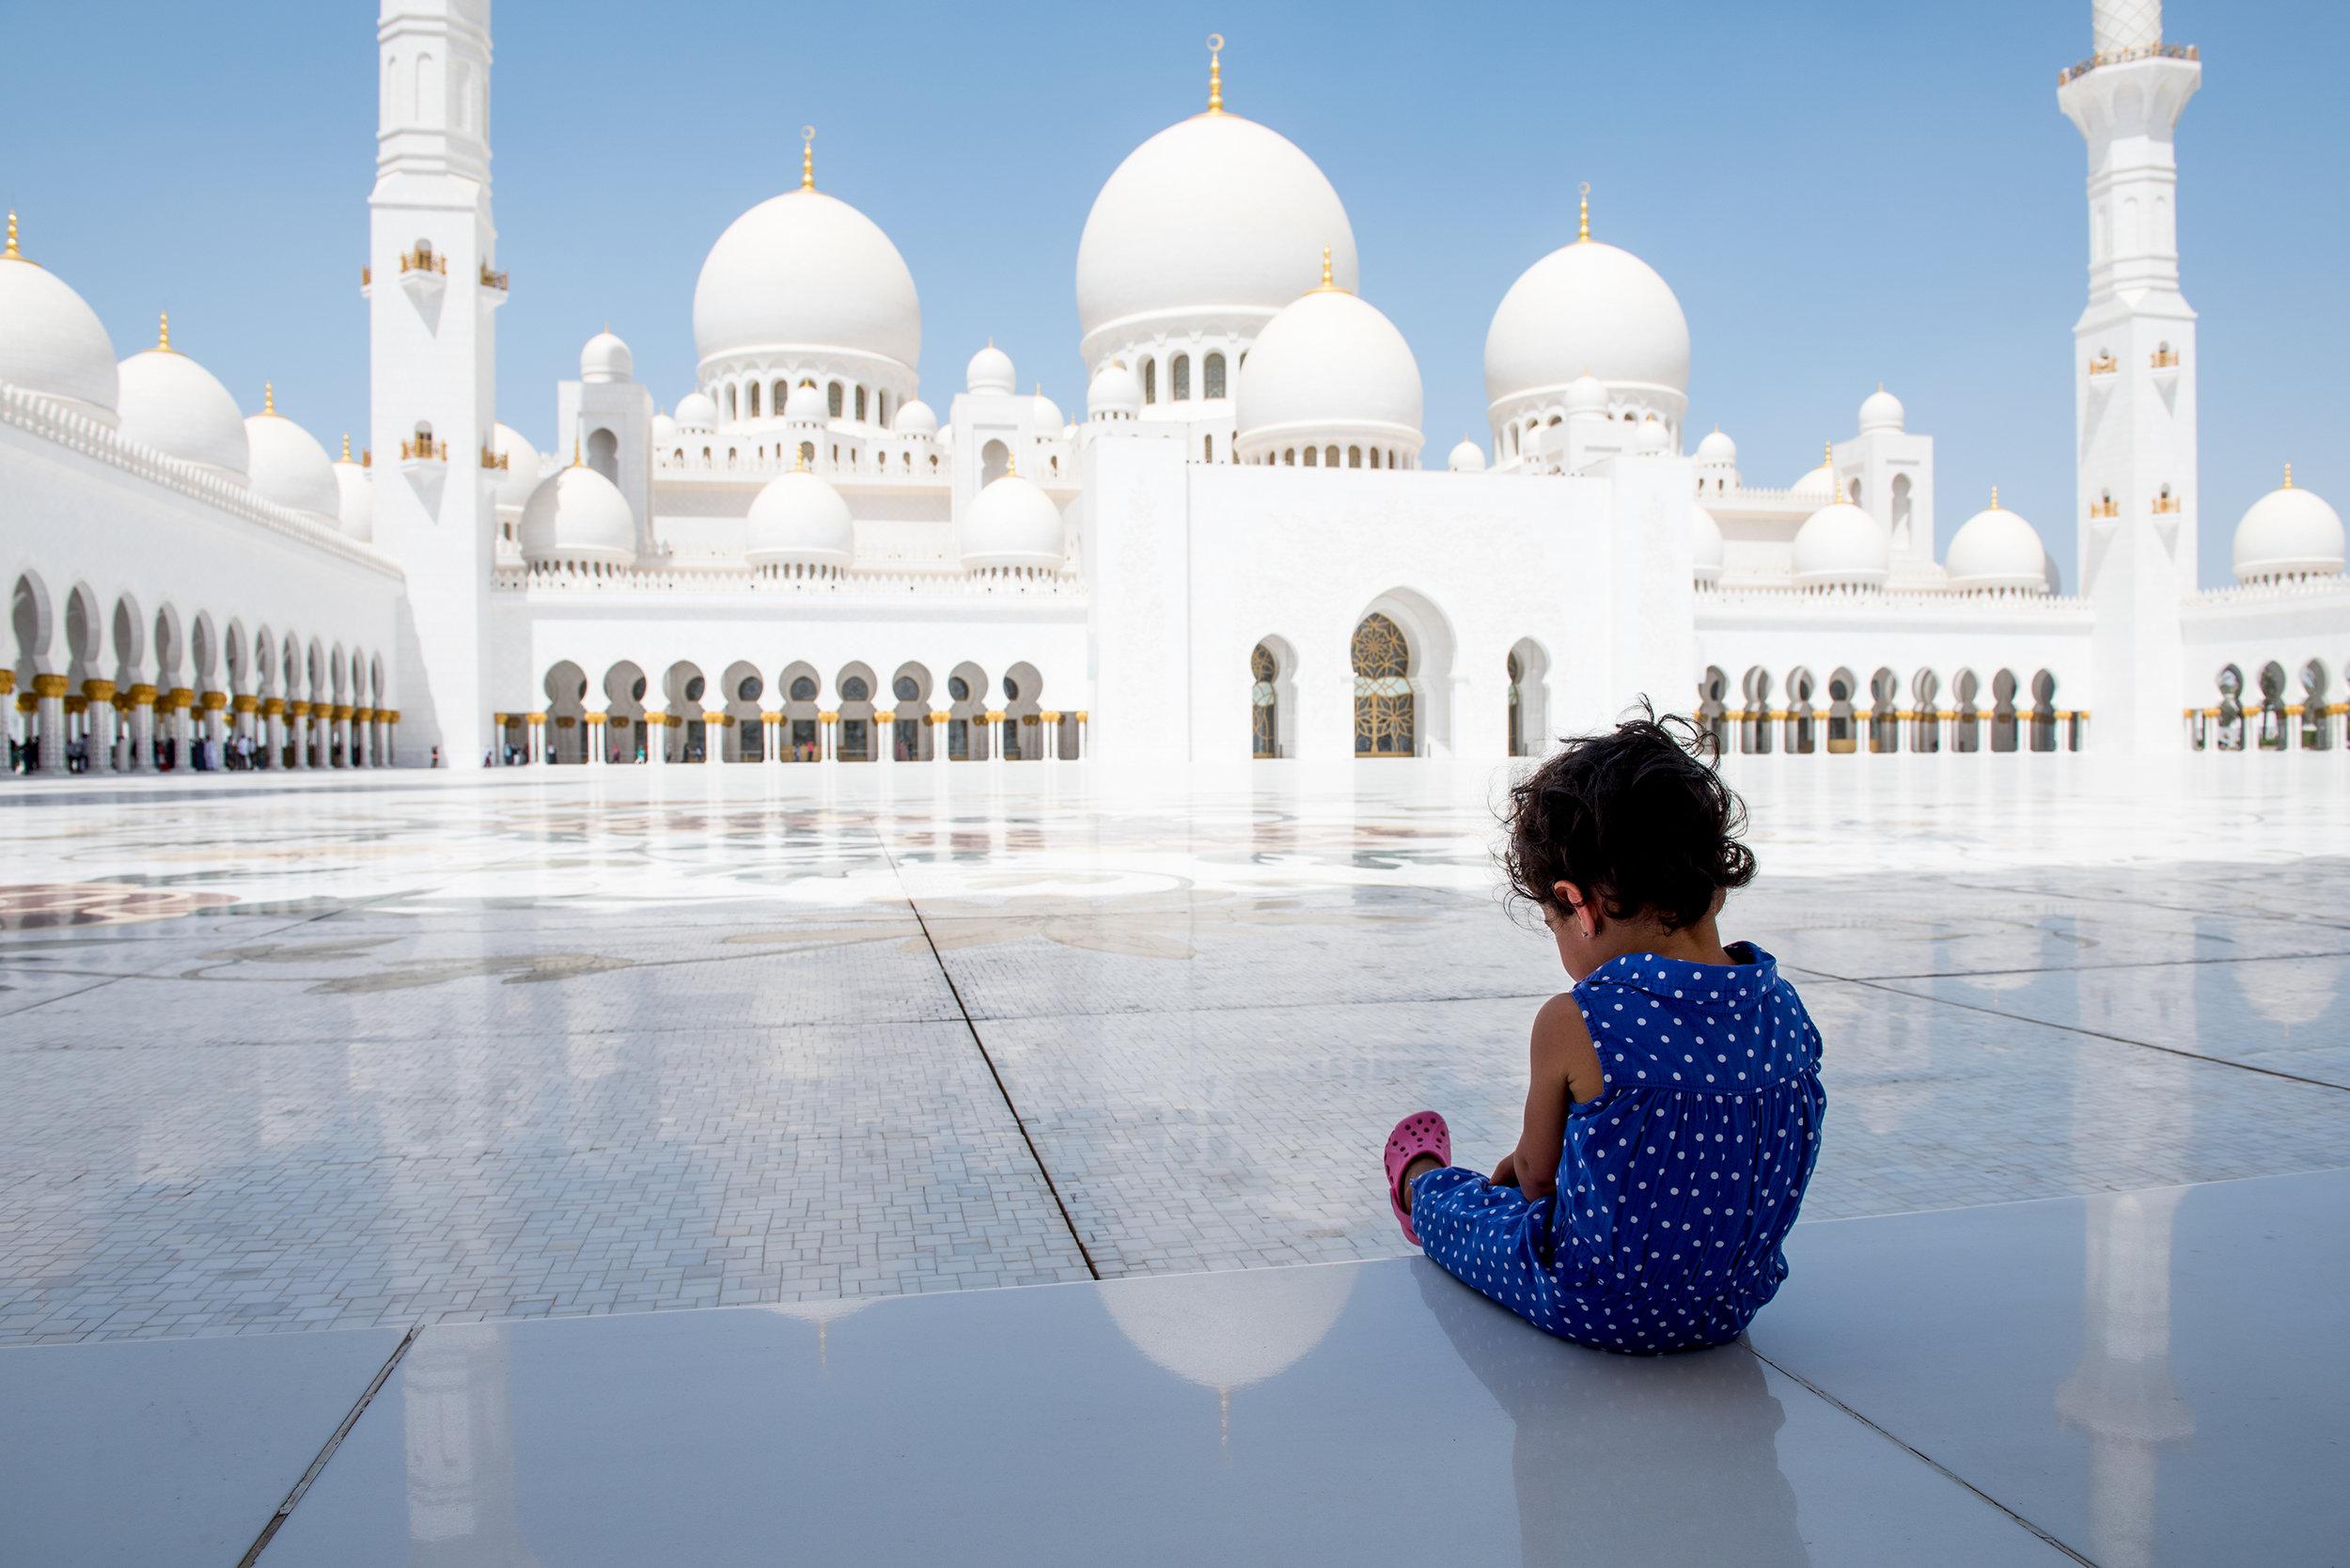 AbuDhabi_GrandMosque.jpg